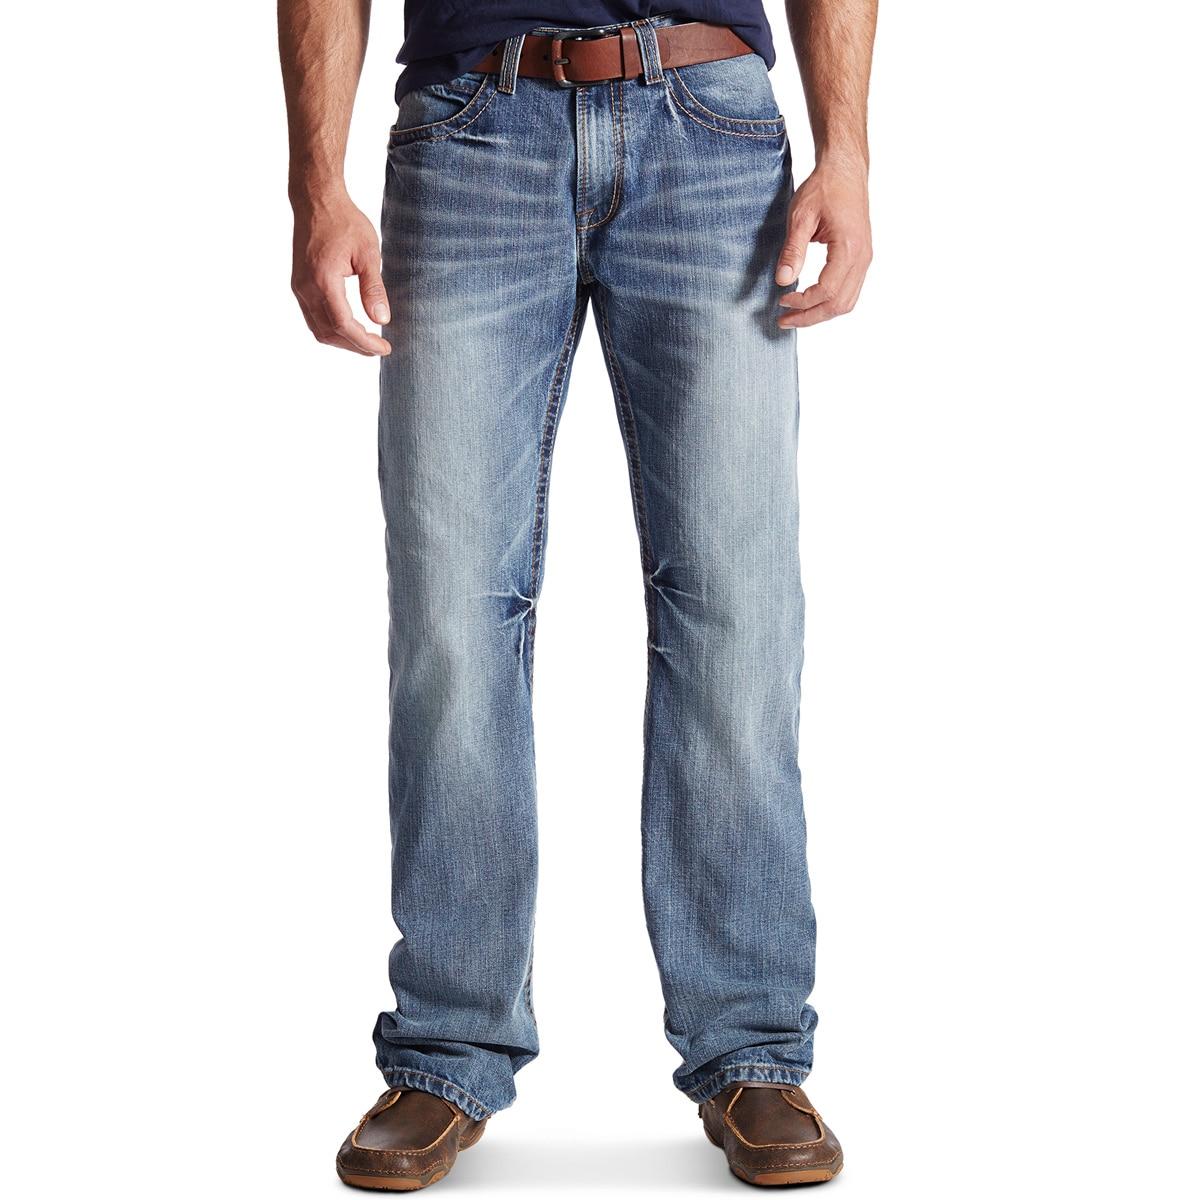 a3cbd82987d Ariat® Men s M4 Low Rise Boot Cut Durango Coltrane Jeans